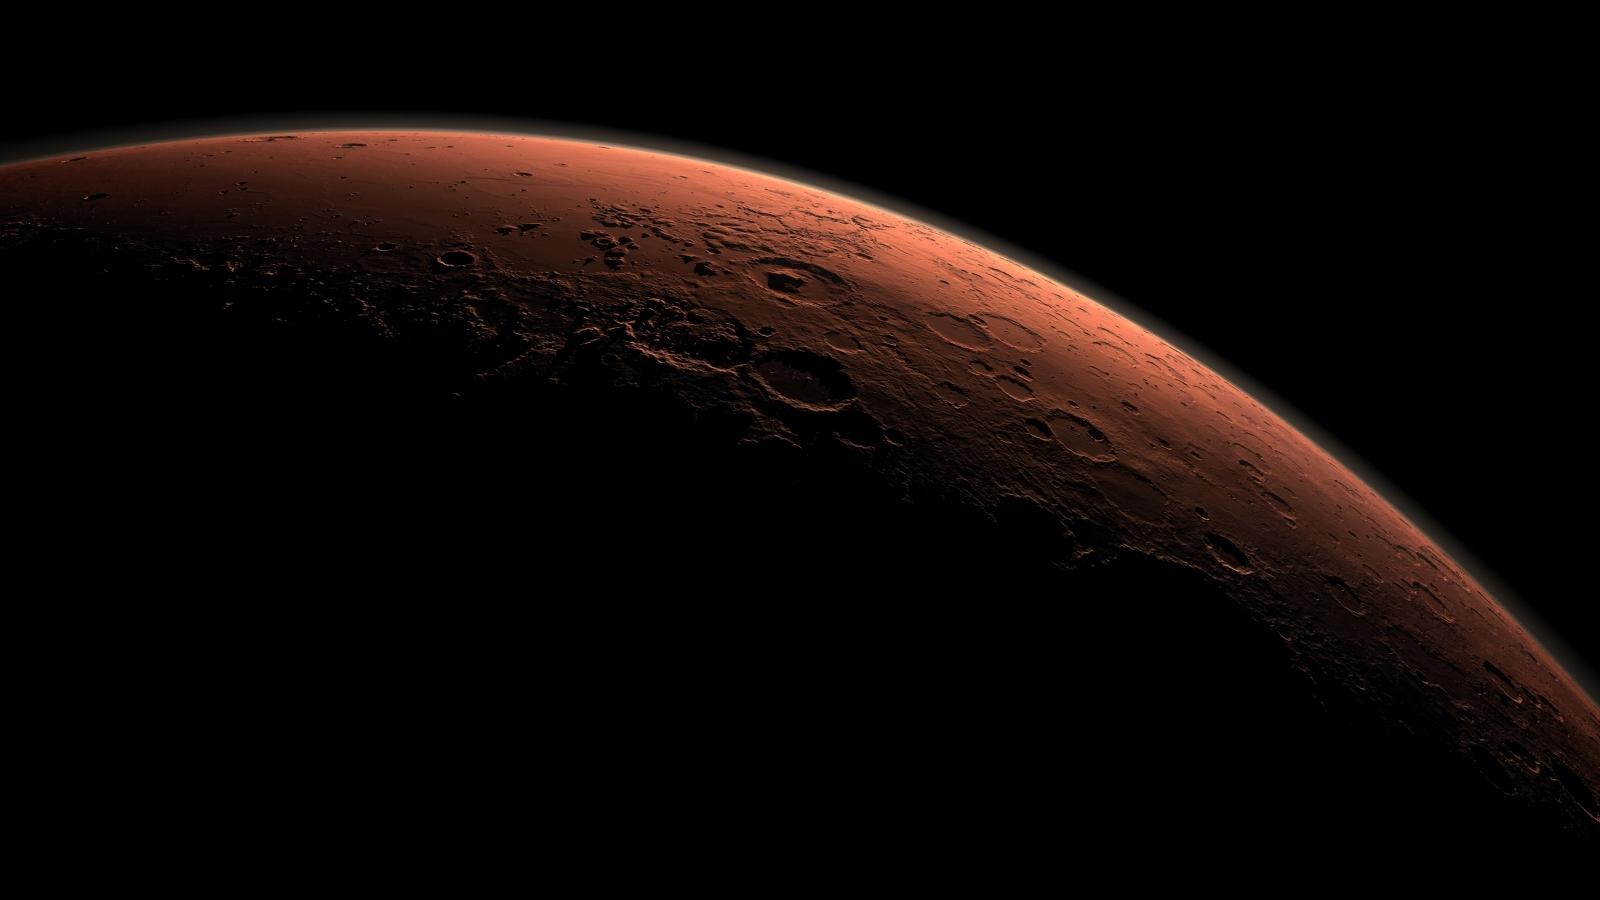 Mars formation